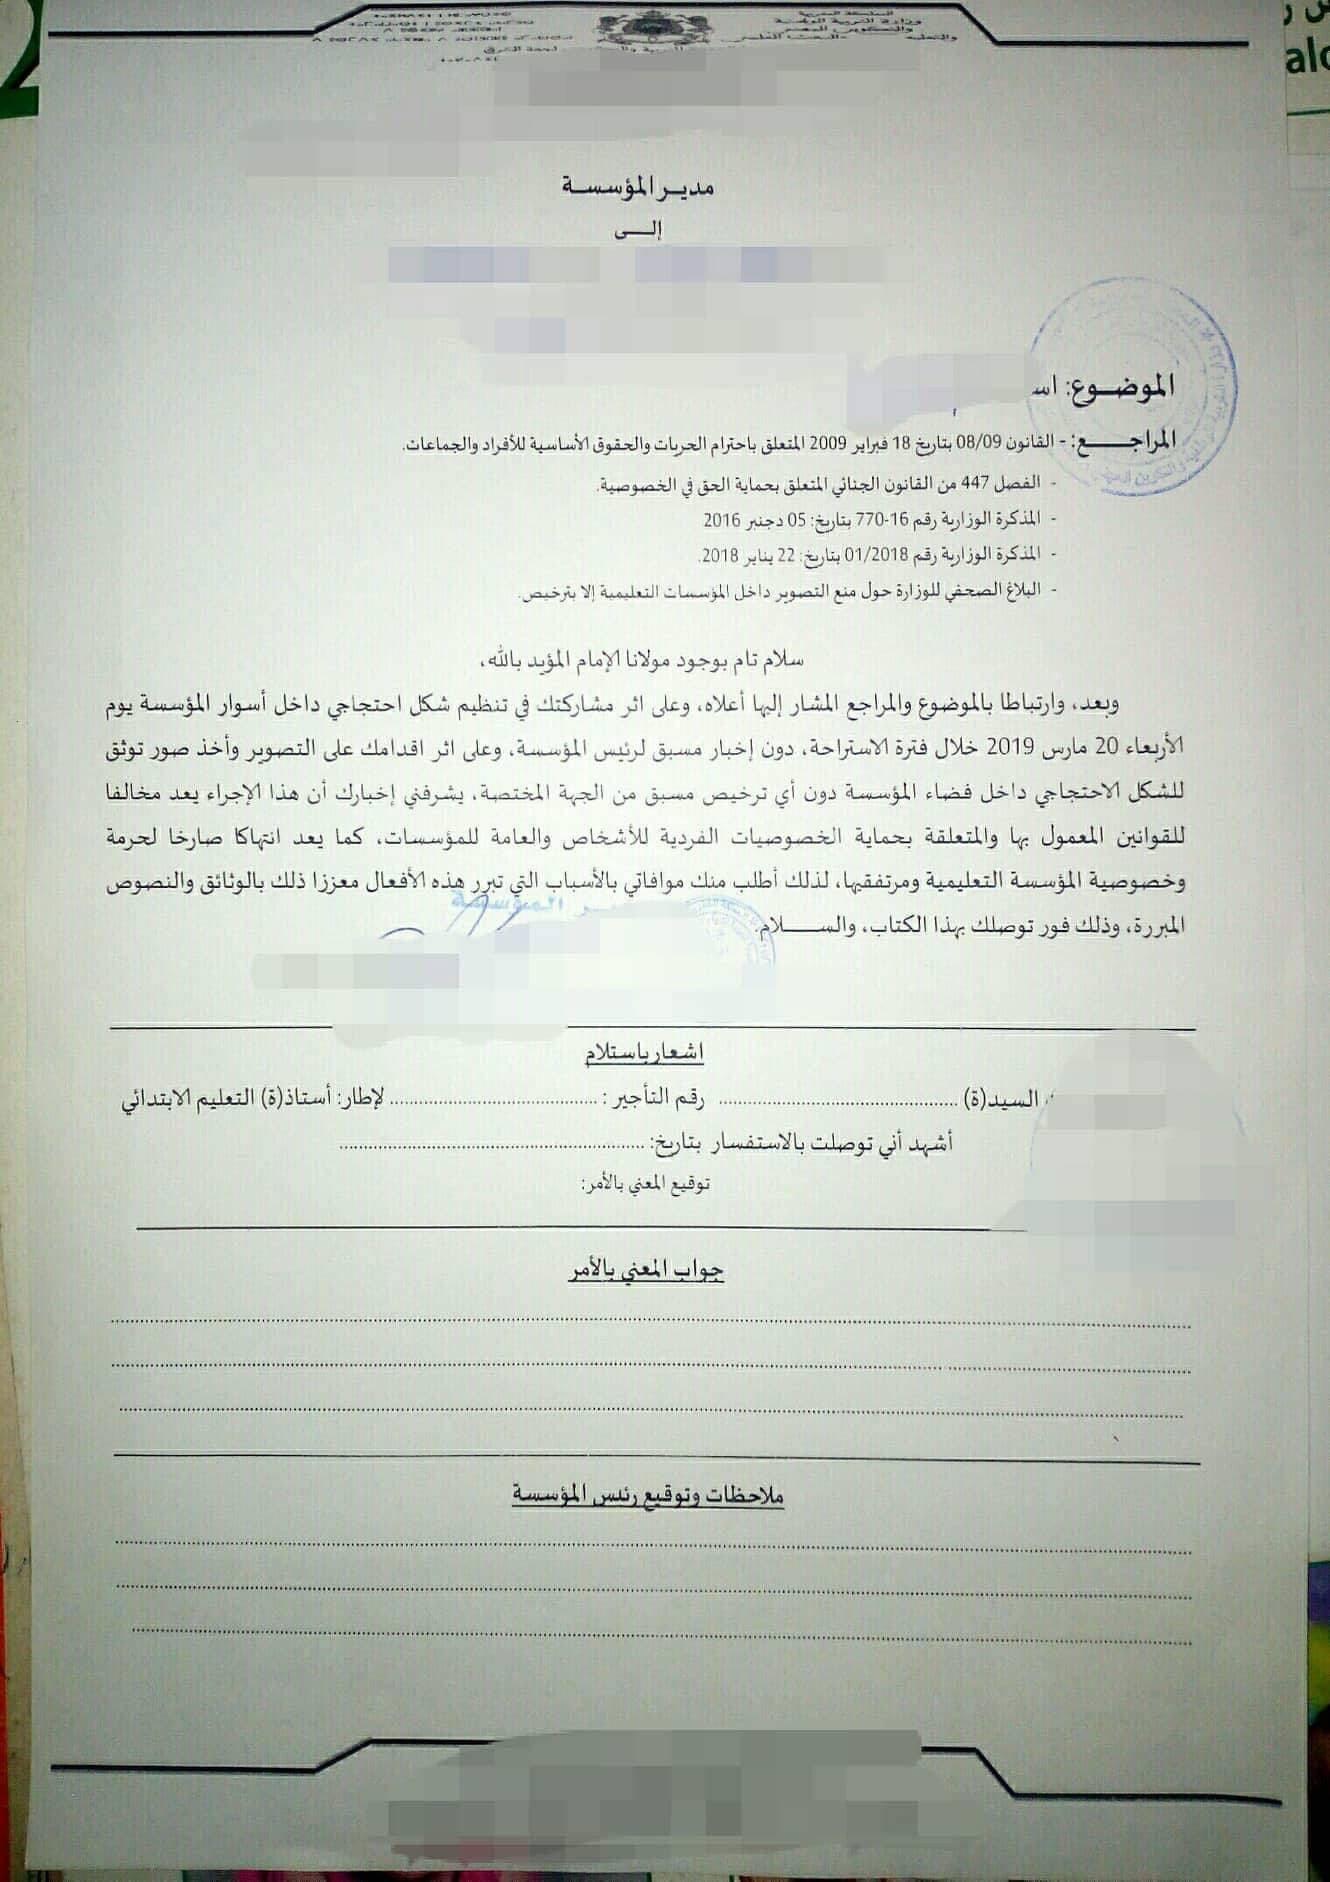 وزارة أمزازي تهدد متضامنين مع الأساتذة المتعاقدين بالقانون الجنائي